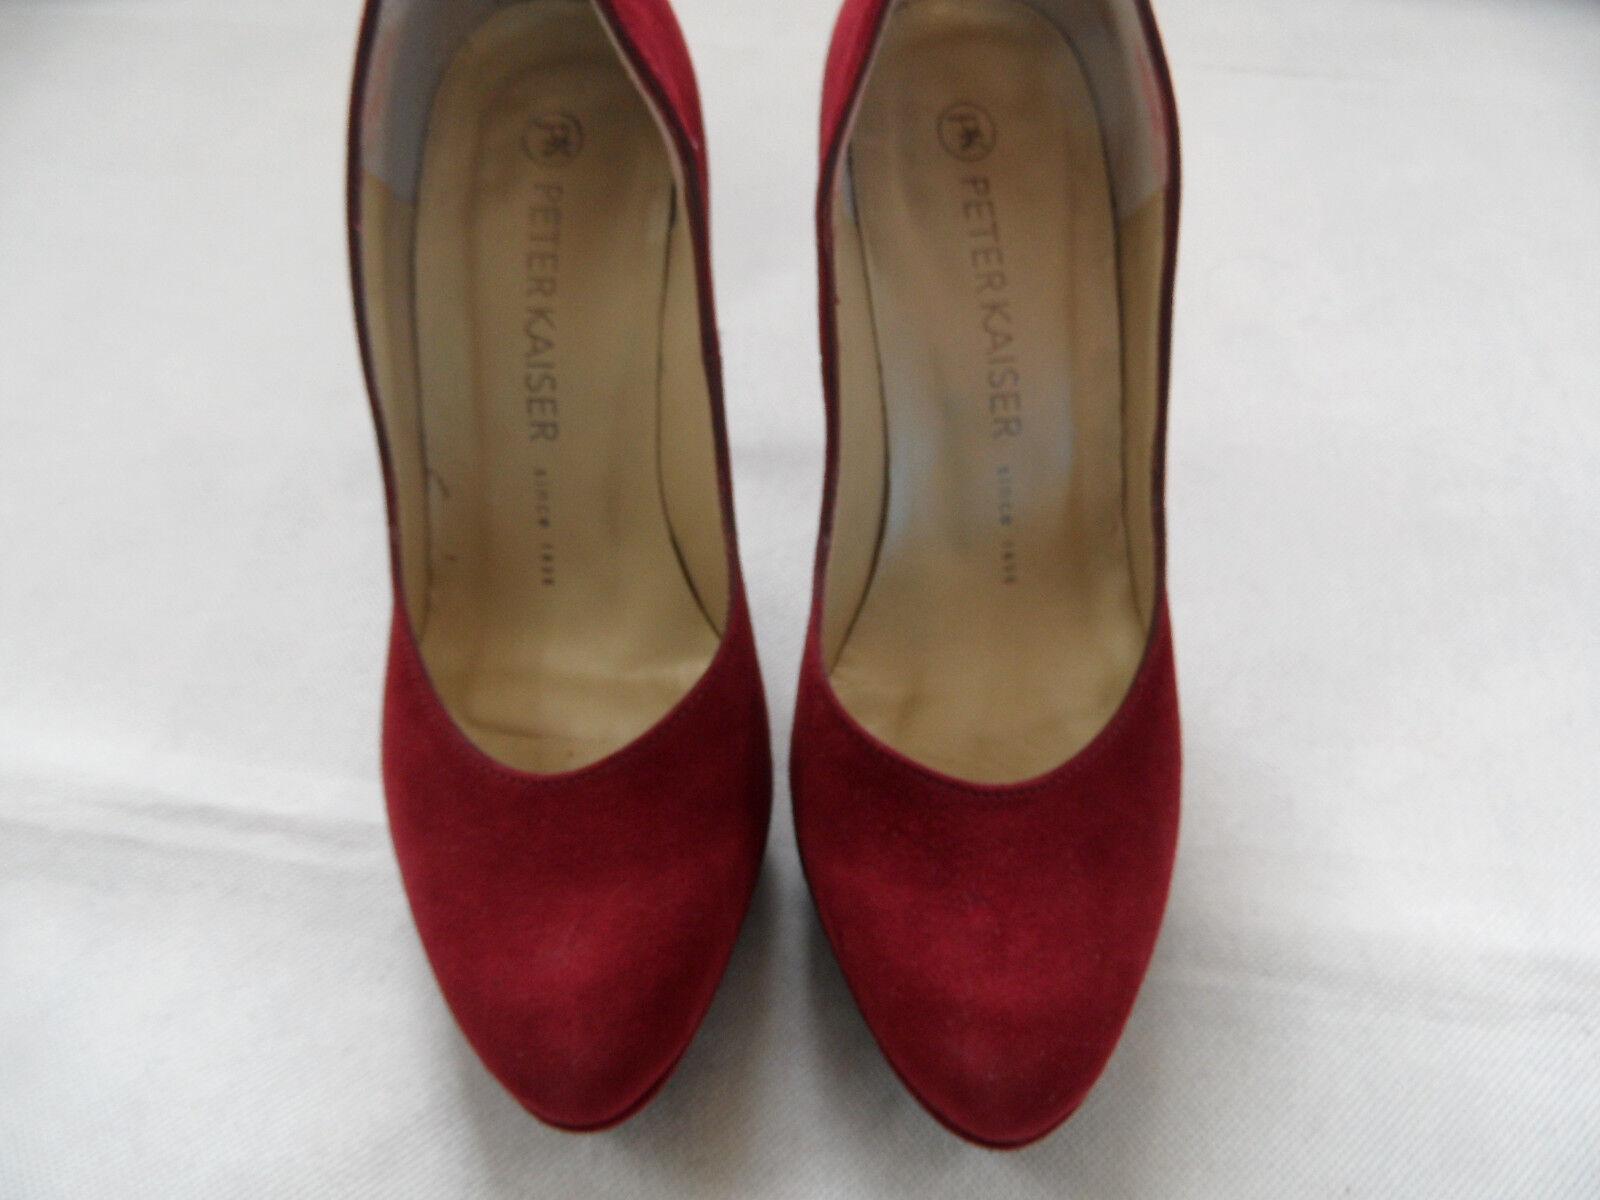 PETER KAISER stylische High Heels Heels Heels Pumps Nubukleder bordeaux Gr.2/34,5 NEU PCl918 30202f